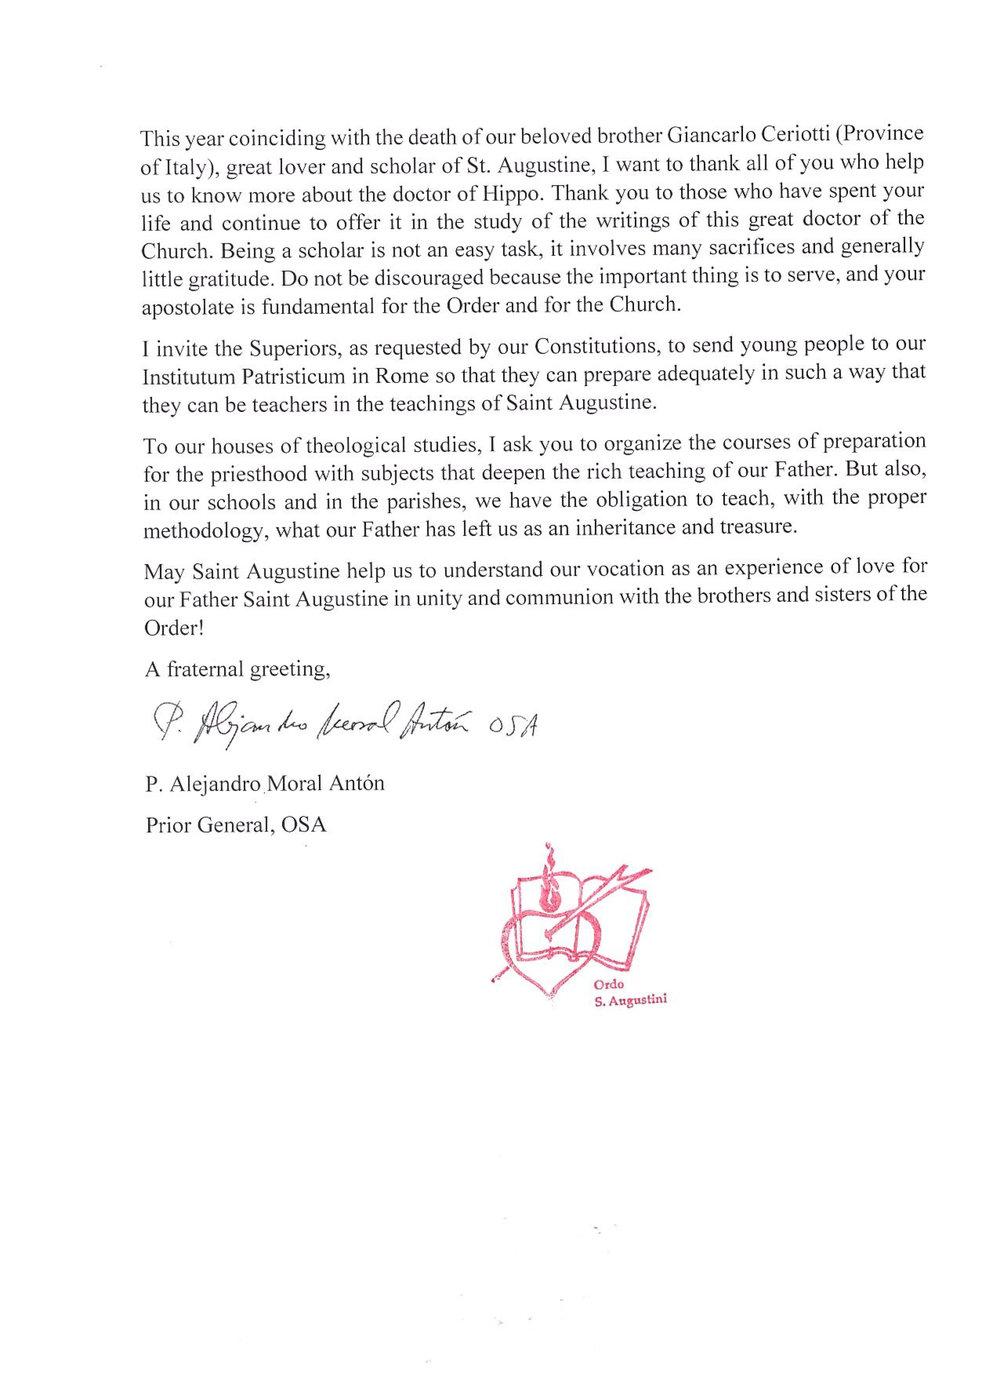 letter_SPNA_english.01-2.jpg